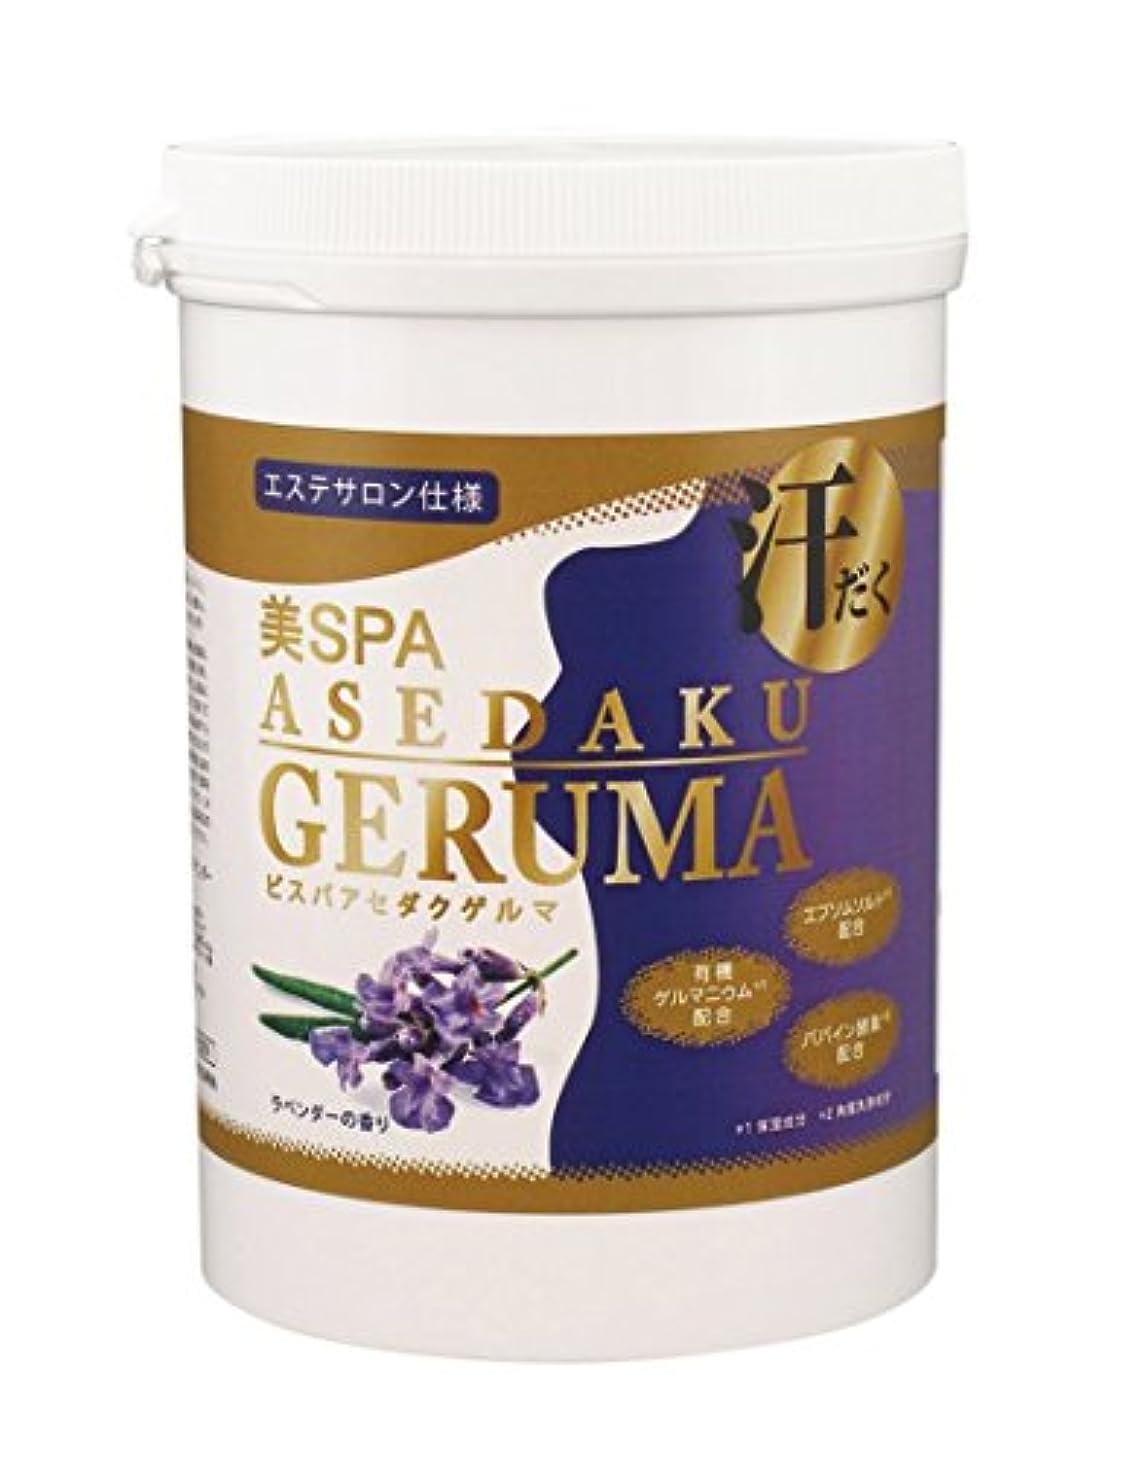 状況慢なディーラー日本生化学 ゲルマニウム入浴料 美SPA ASEDAKU GERUMA ラベンダー ボトル 1kg